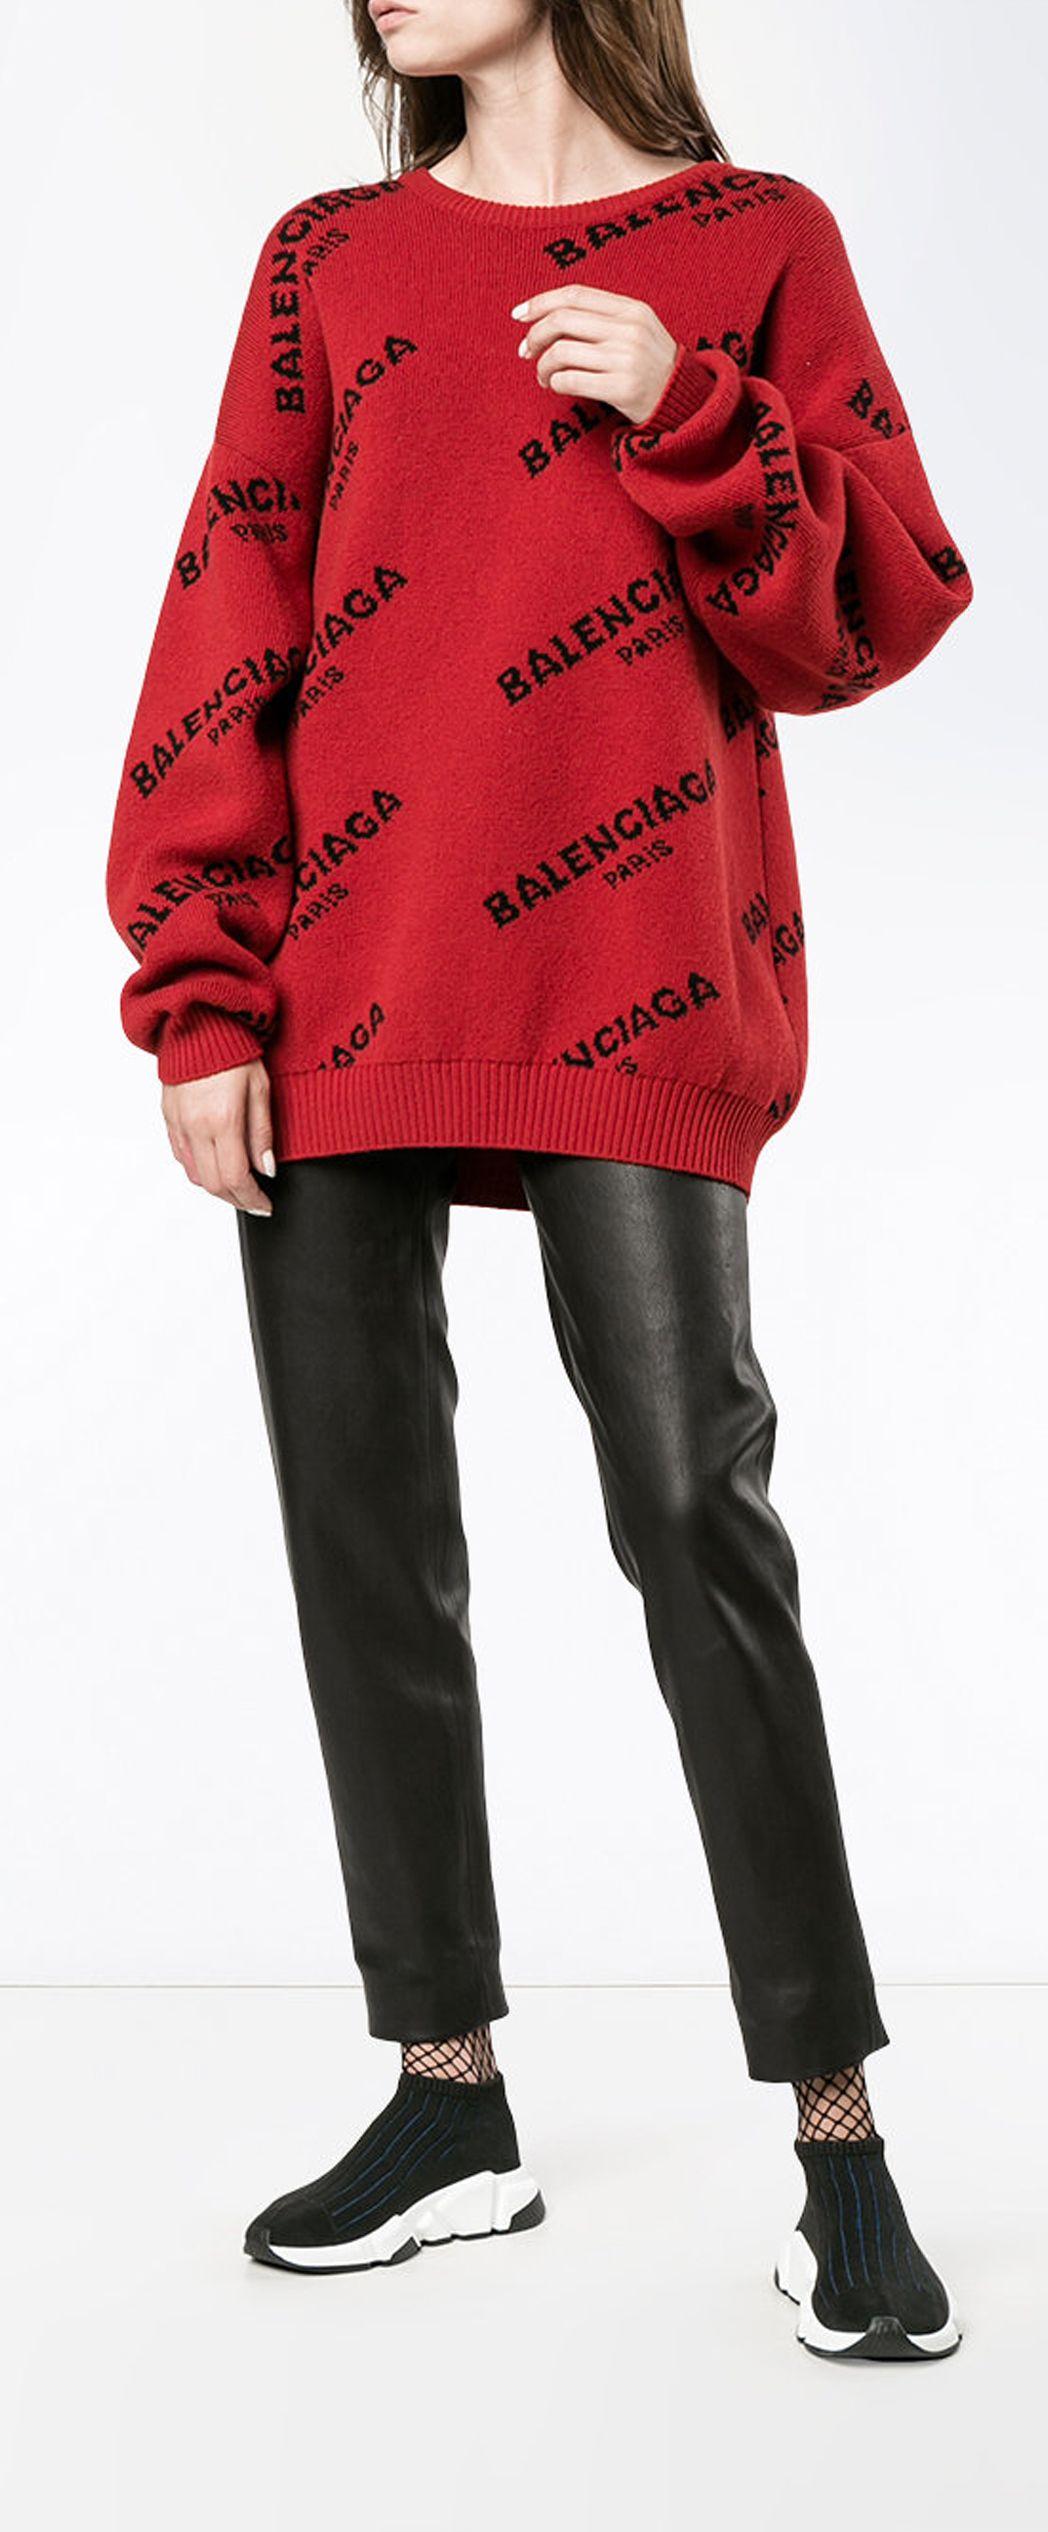 564712974b1544 BALENCIAGA logo jumper, explore new season Balenciaga on Farfetch now.